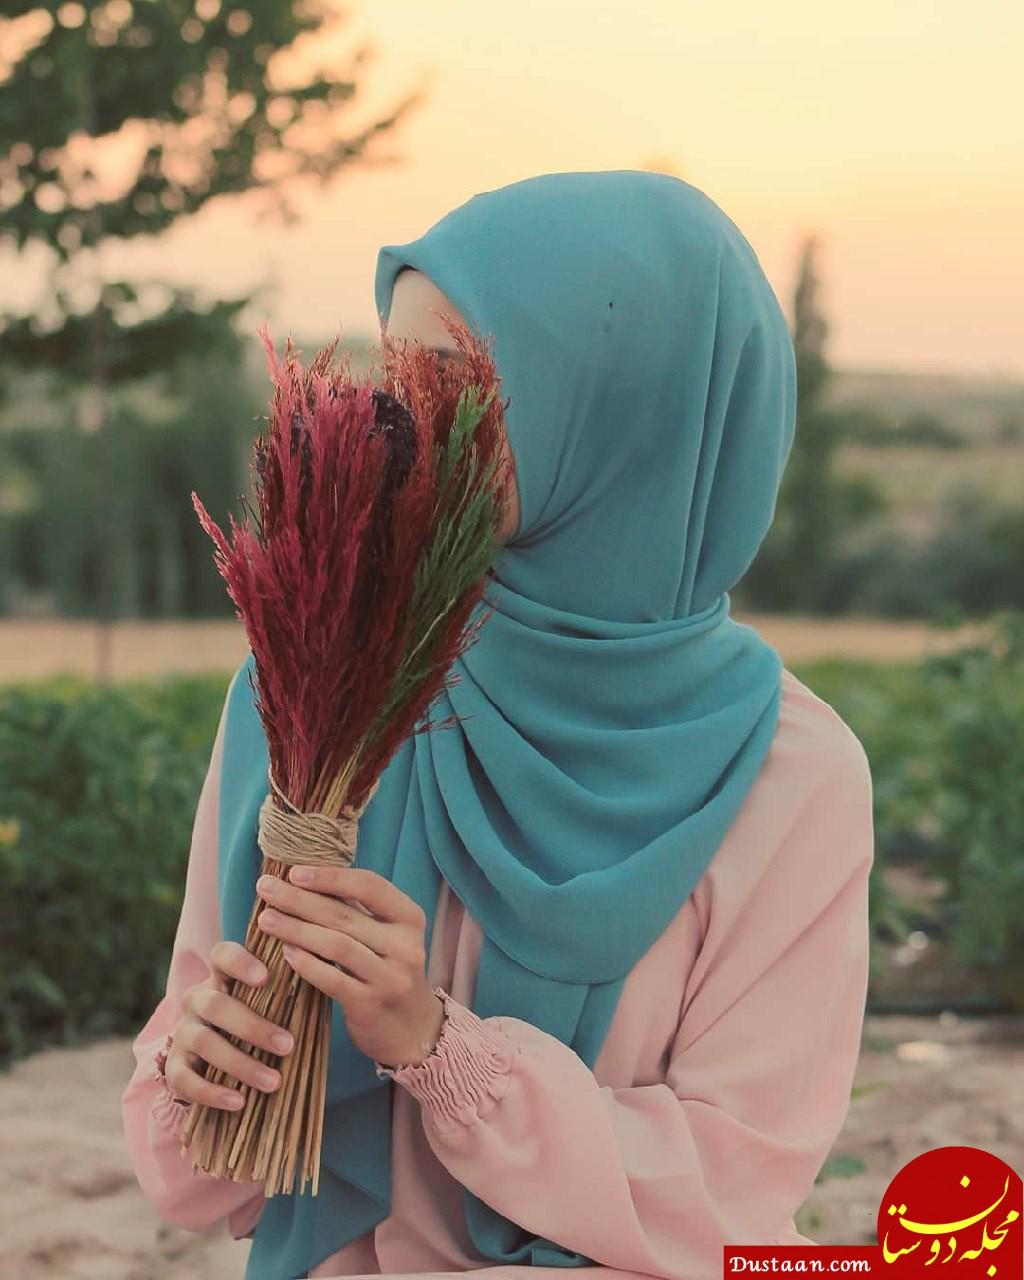 www.dustaan.com گزارش یک خبرگزاری از شلوارهای ۹۰سانتی، بلوزهای بالای ناف و مانتوهای جلوباز